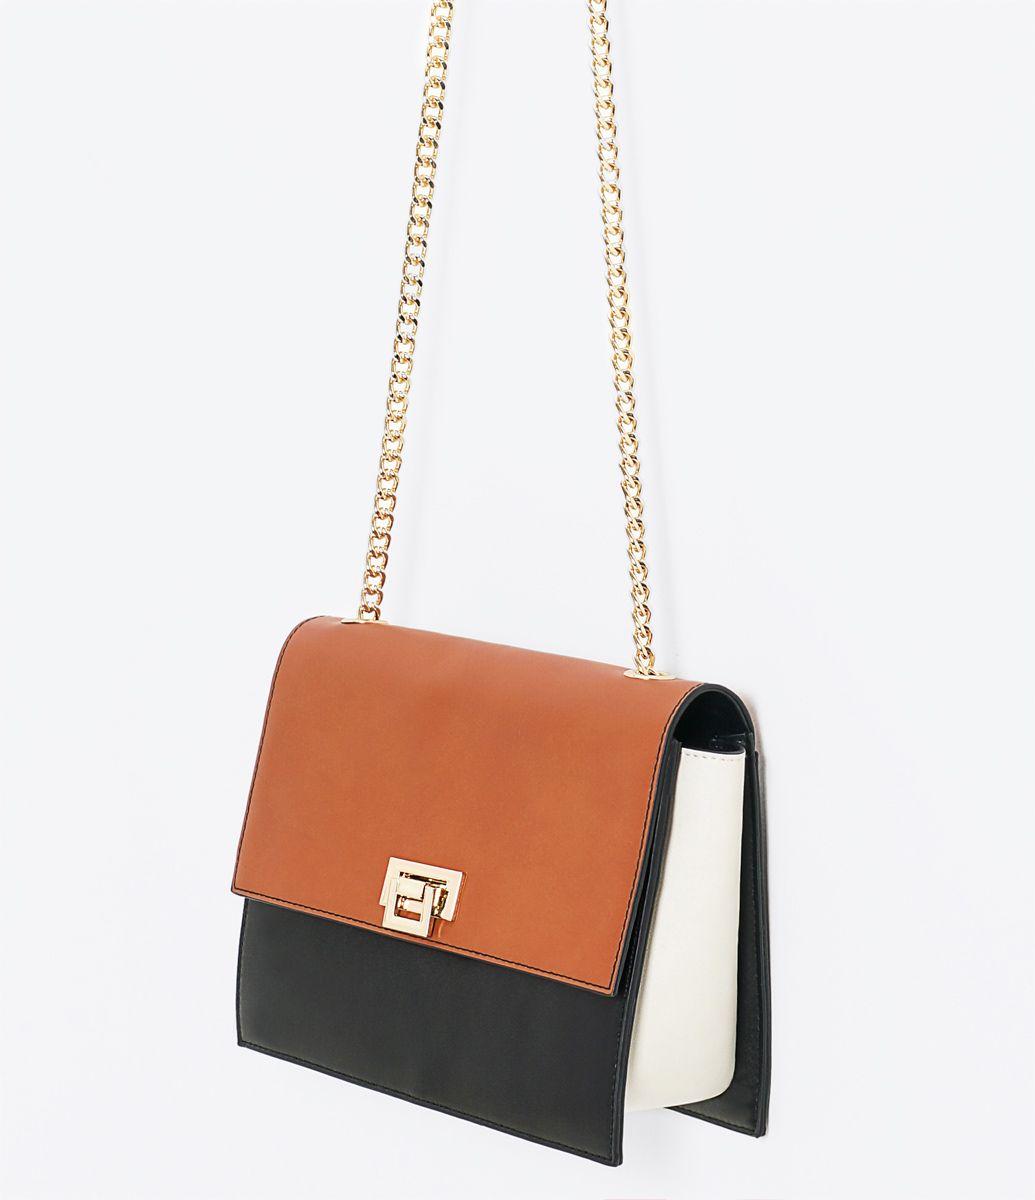 72f6c8df1 Bolsa feminina Modelo transversal Com alça de corrente Marca: Satinato  Material: sintético Composição: